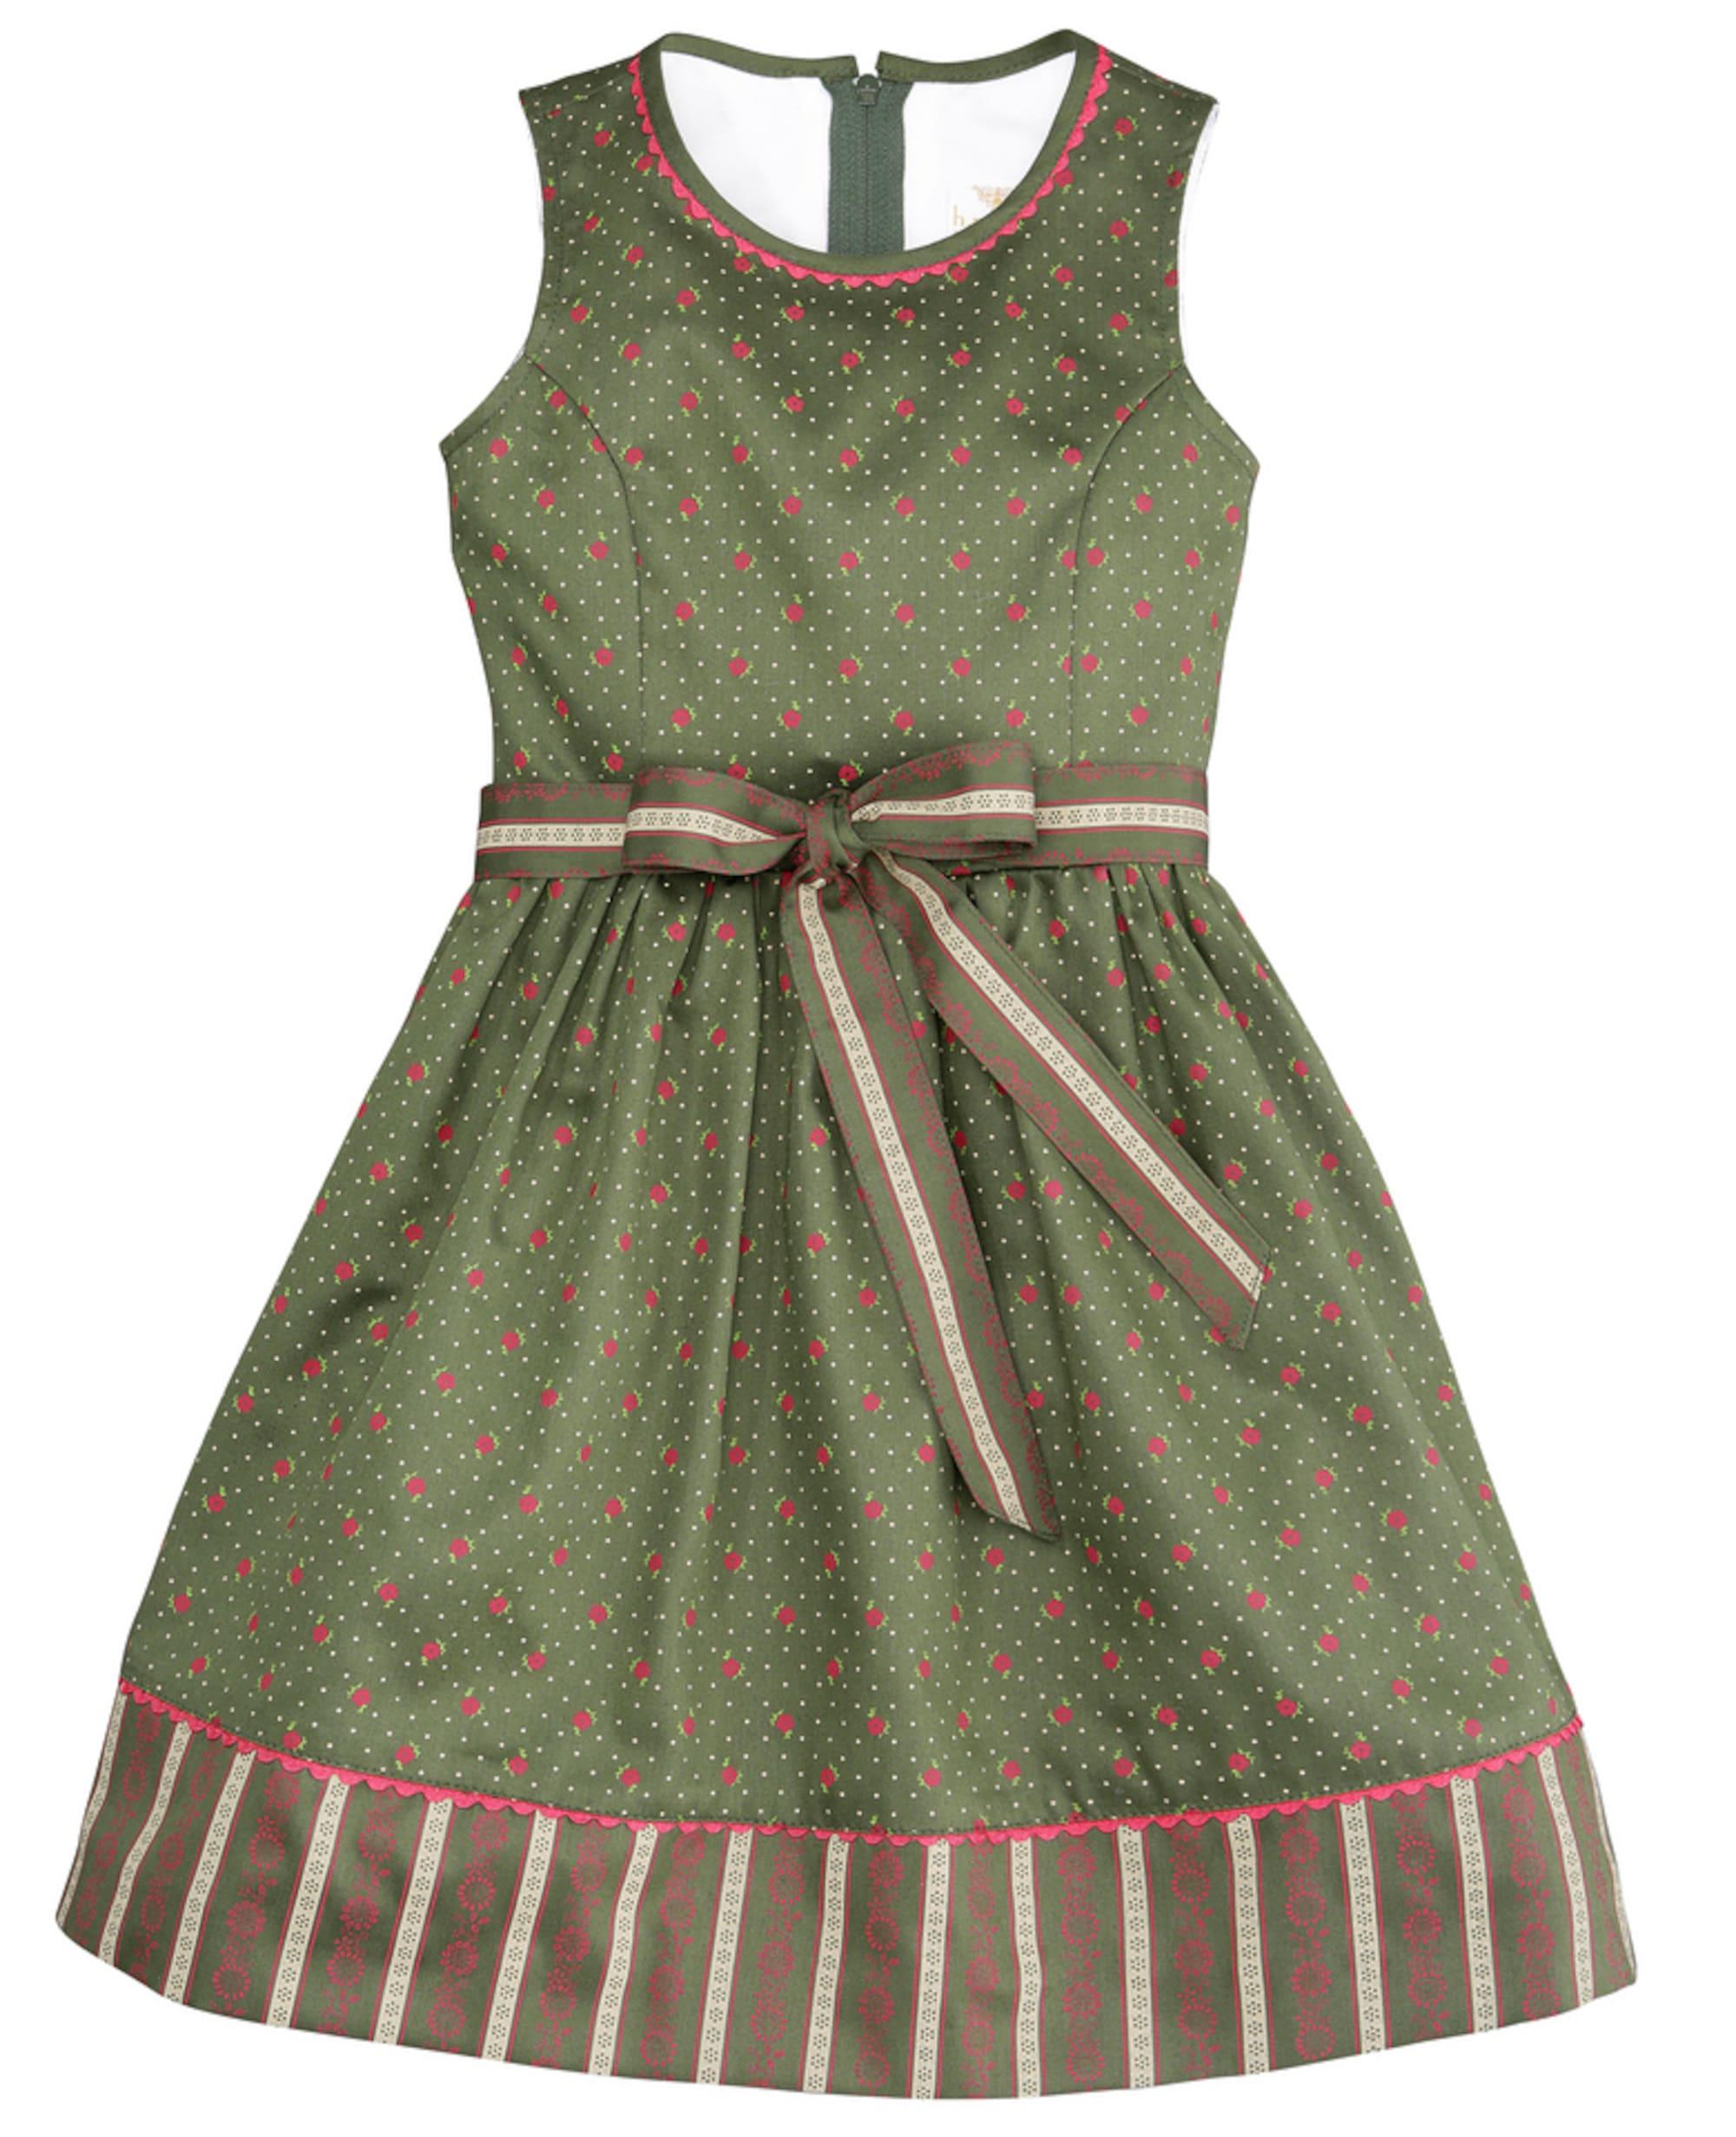 Kinder Trachtenkleid mit Blümchendruck